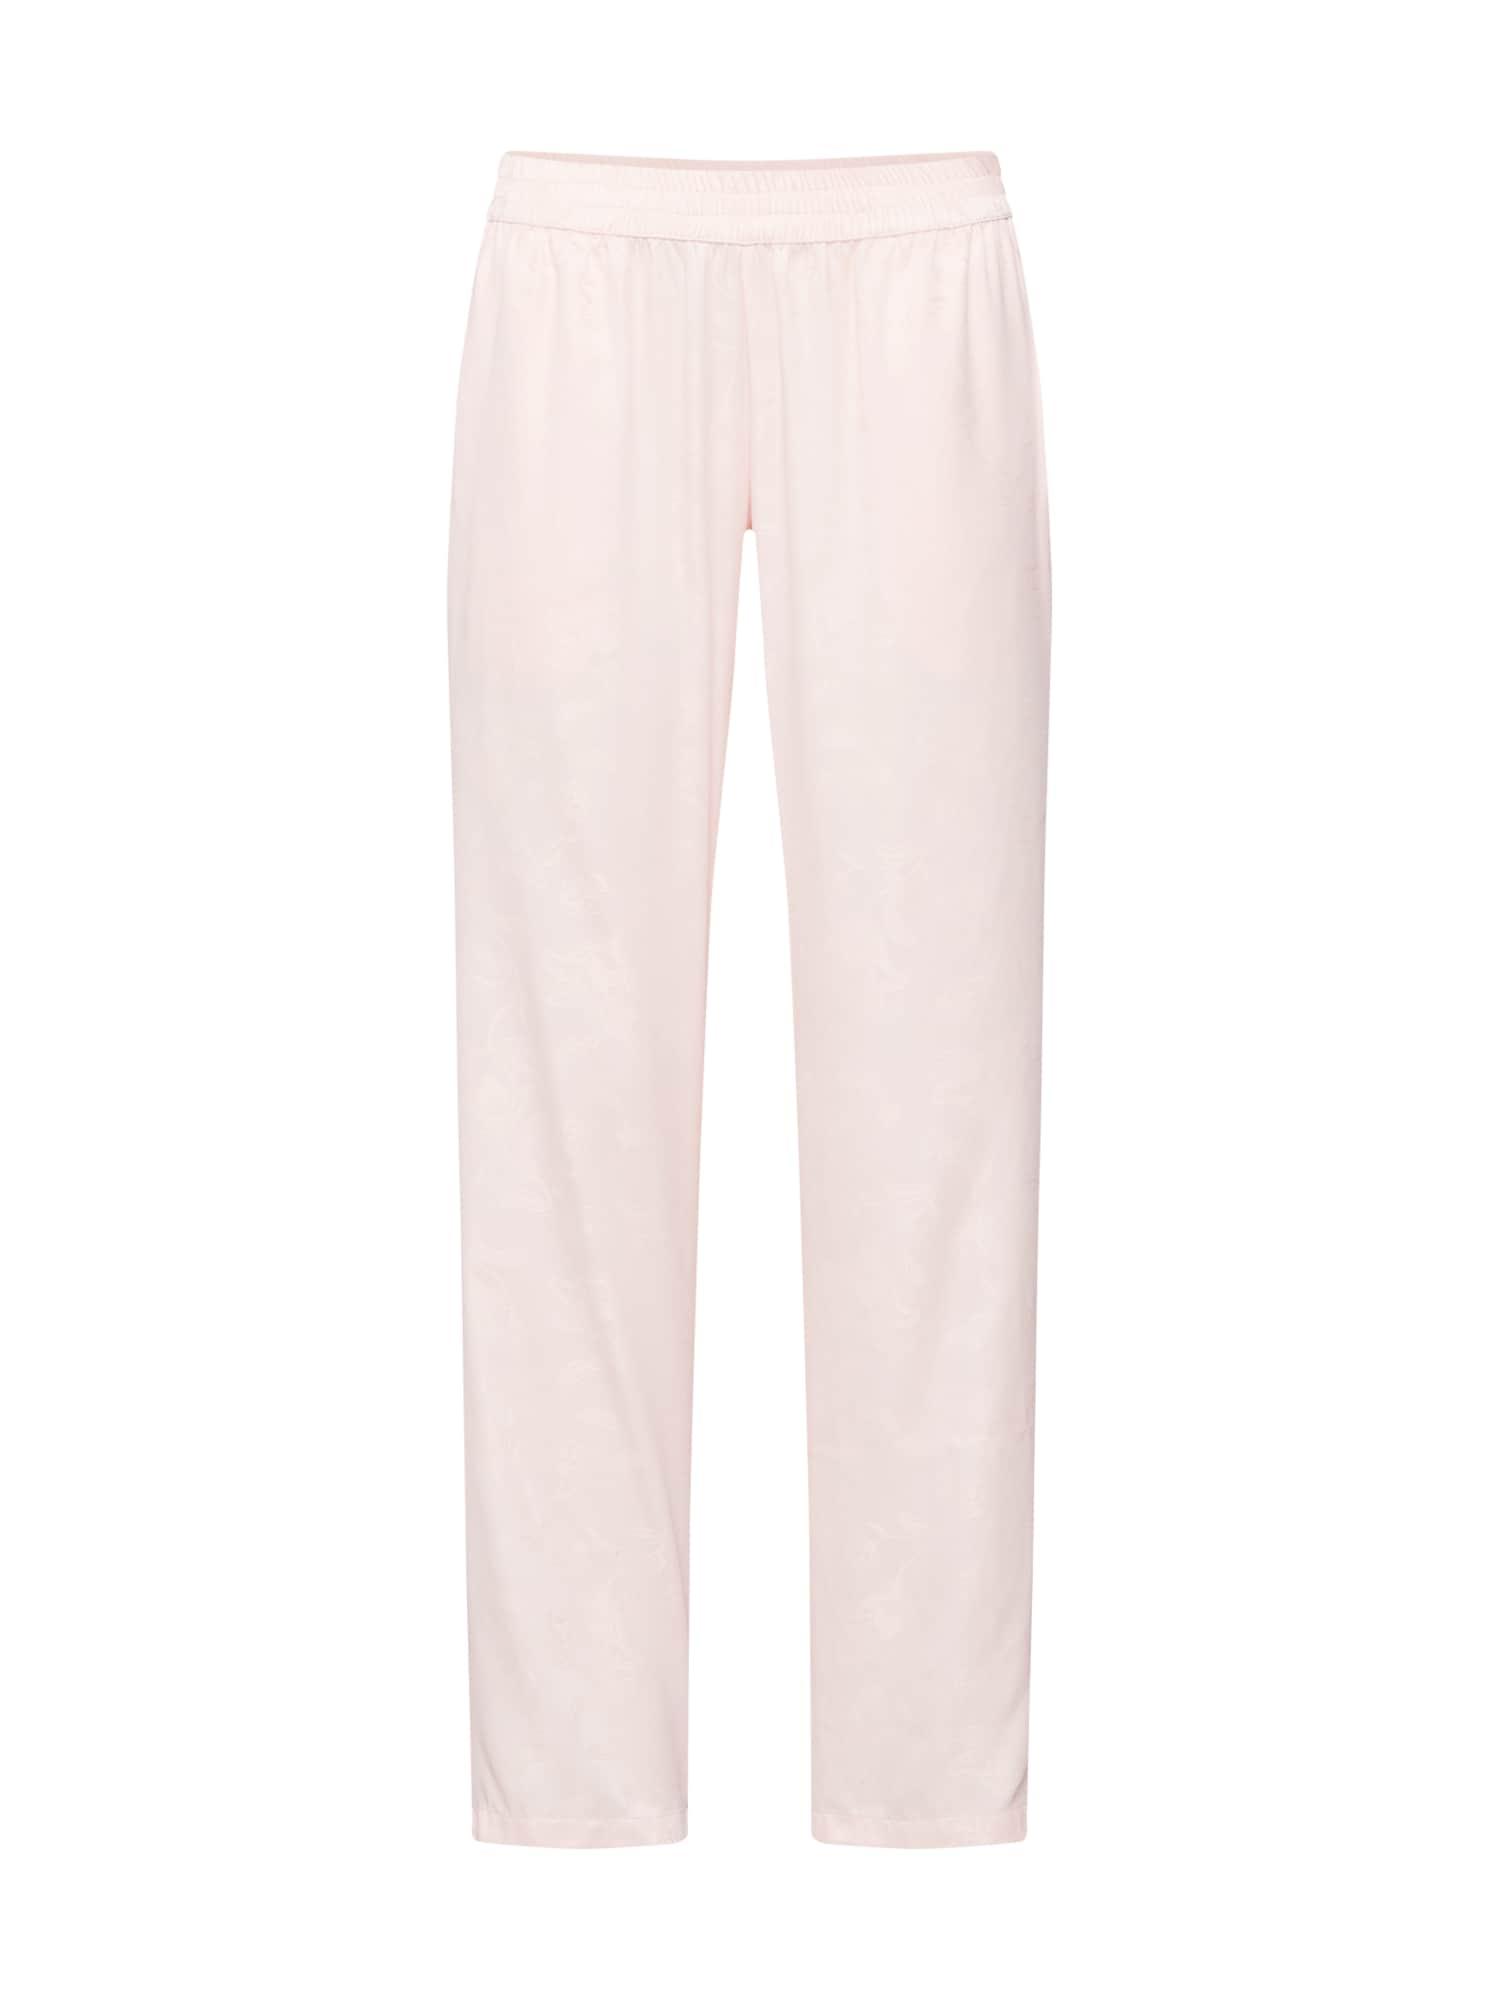 Pyžamové kalhoty Pant Satin Jacquard Paisley pink Hunkemöller